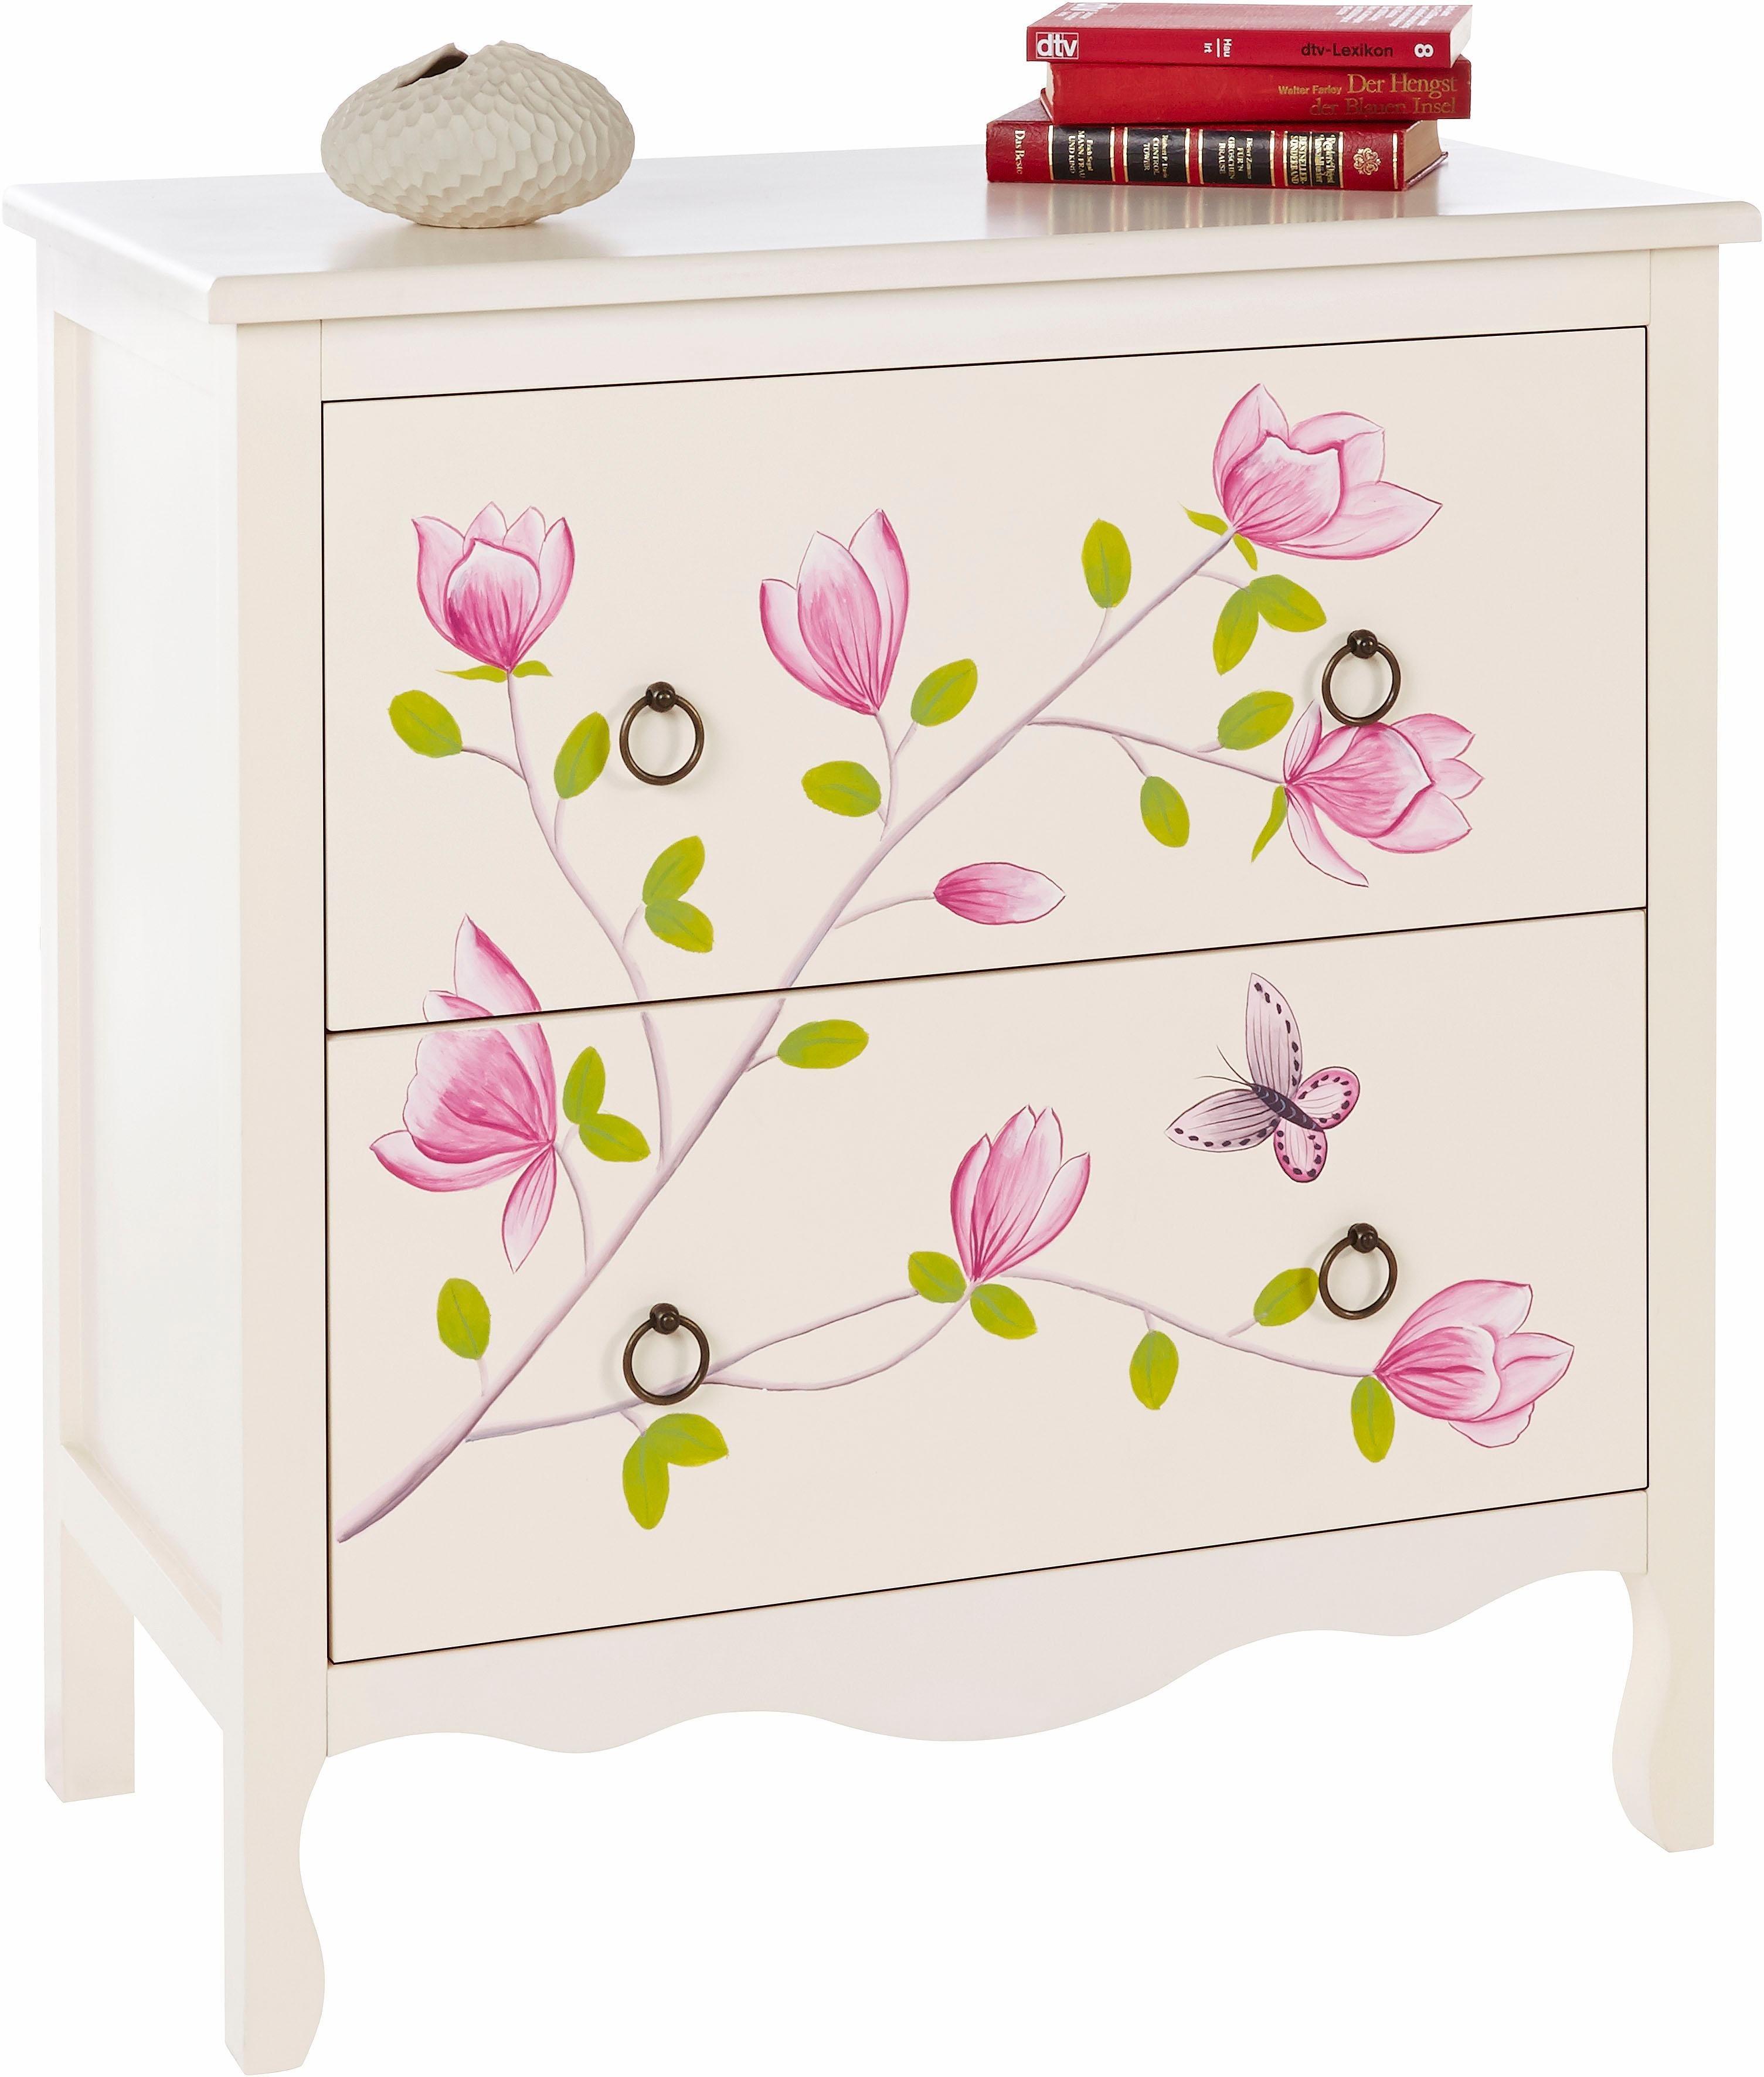 kommode 70 cm breit preisvergleich die besten angebote online kaufen. Black Bedroom Furniture Sets. Home Design Ideas